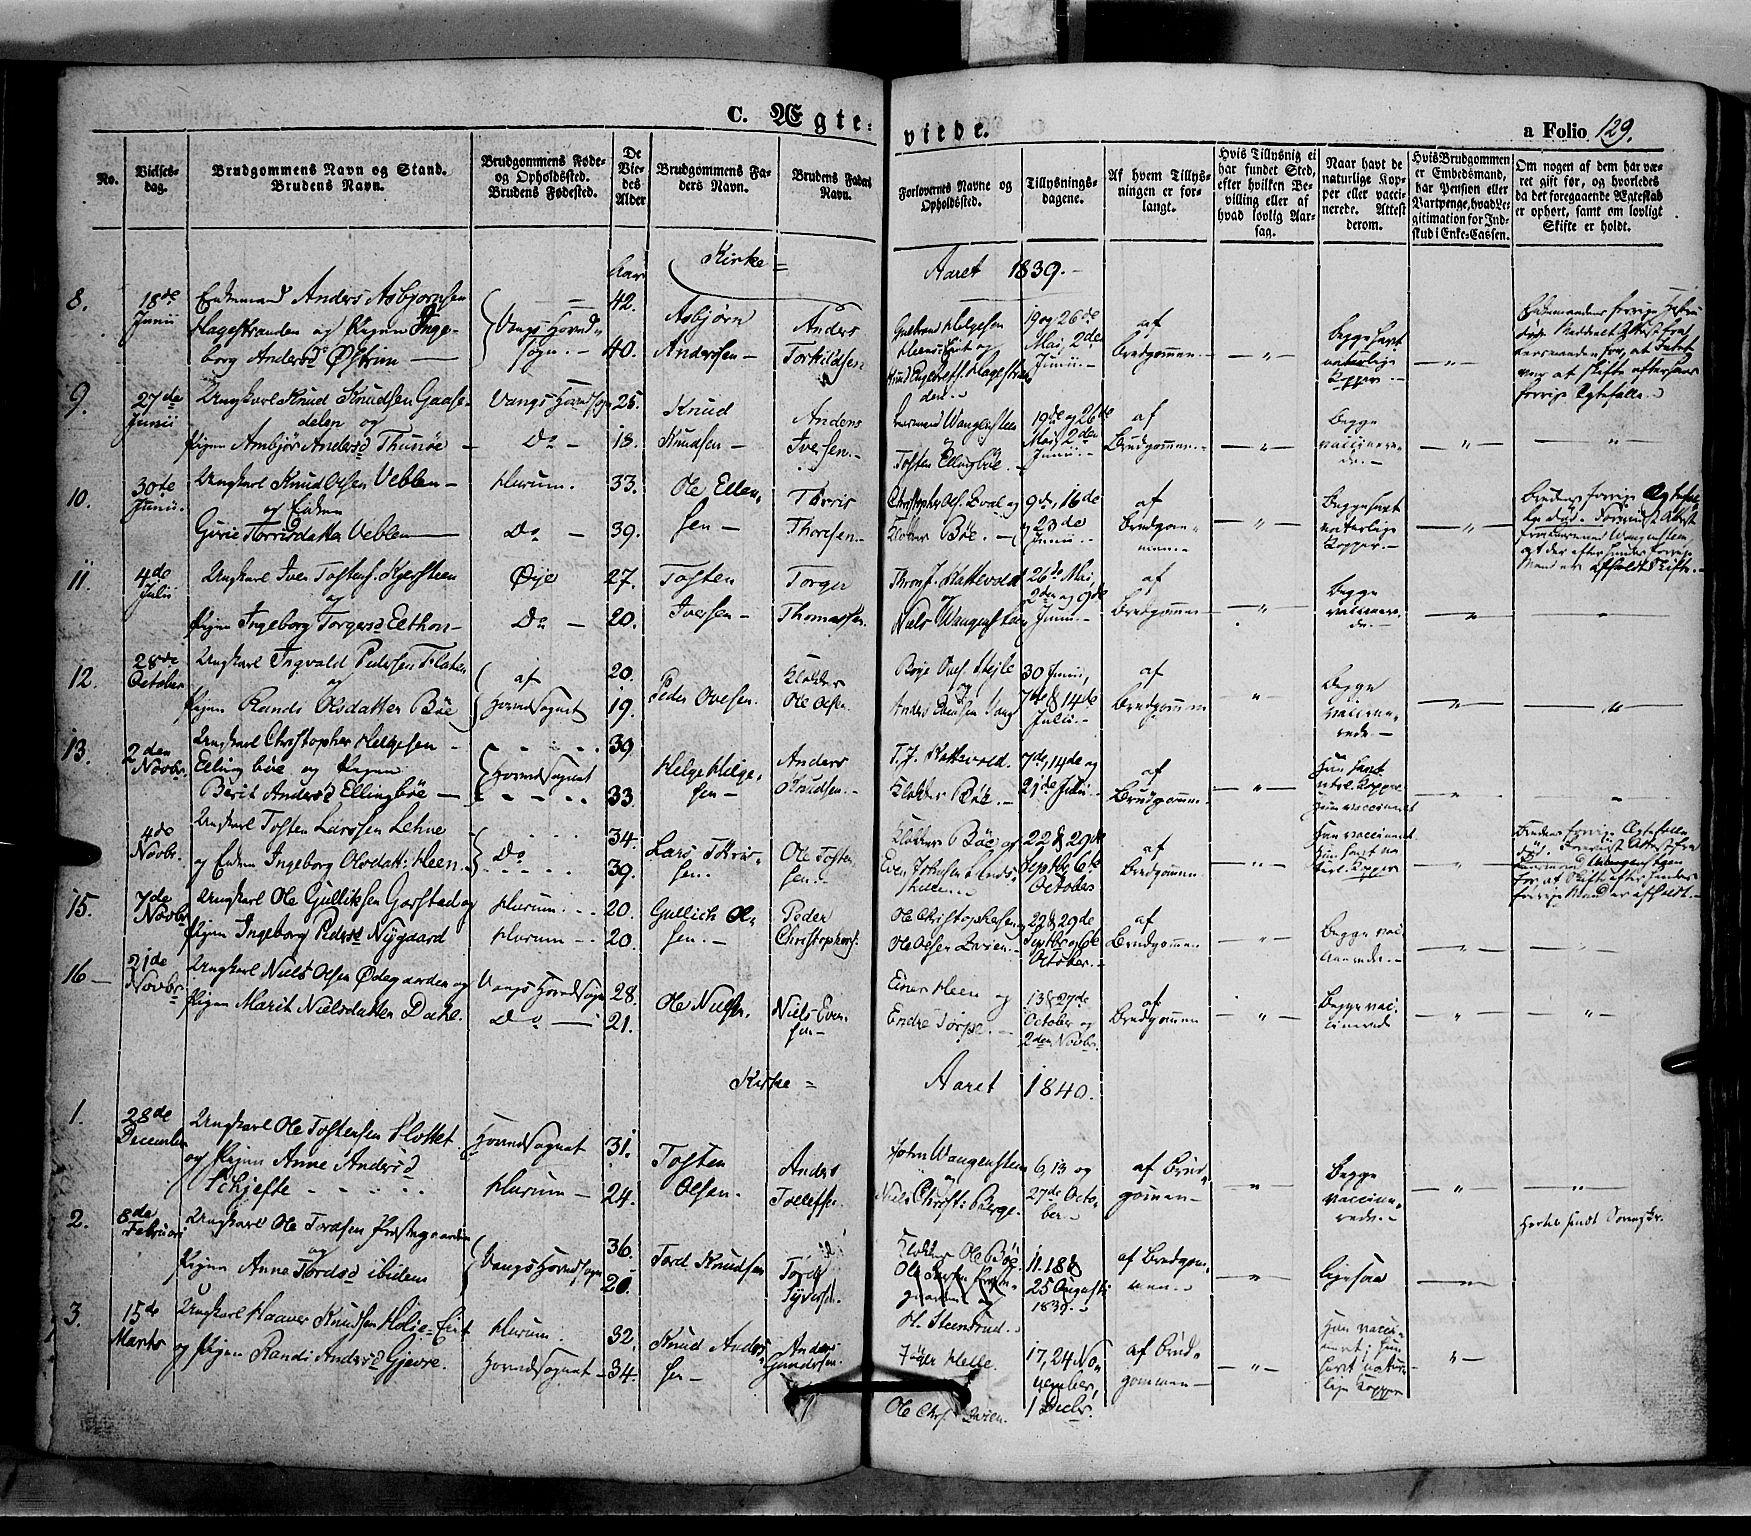 SAH, Vang prestekontor, Valdres, Ministerialbok nr. 5, 1831-1845, s. 129